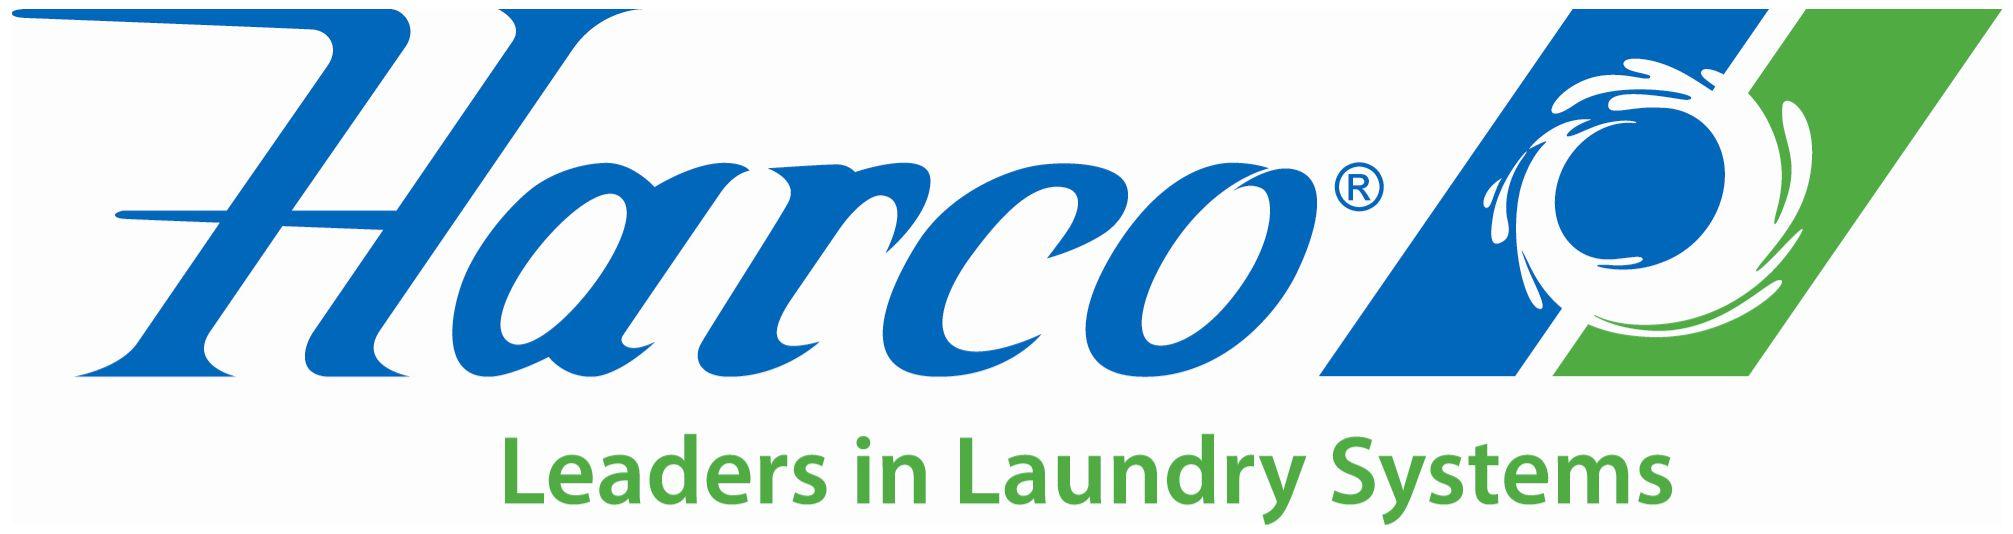 Harco logo TP_11